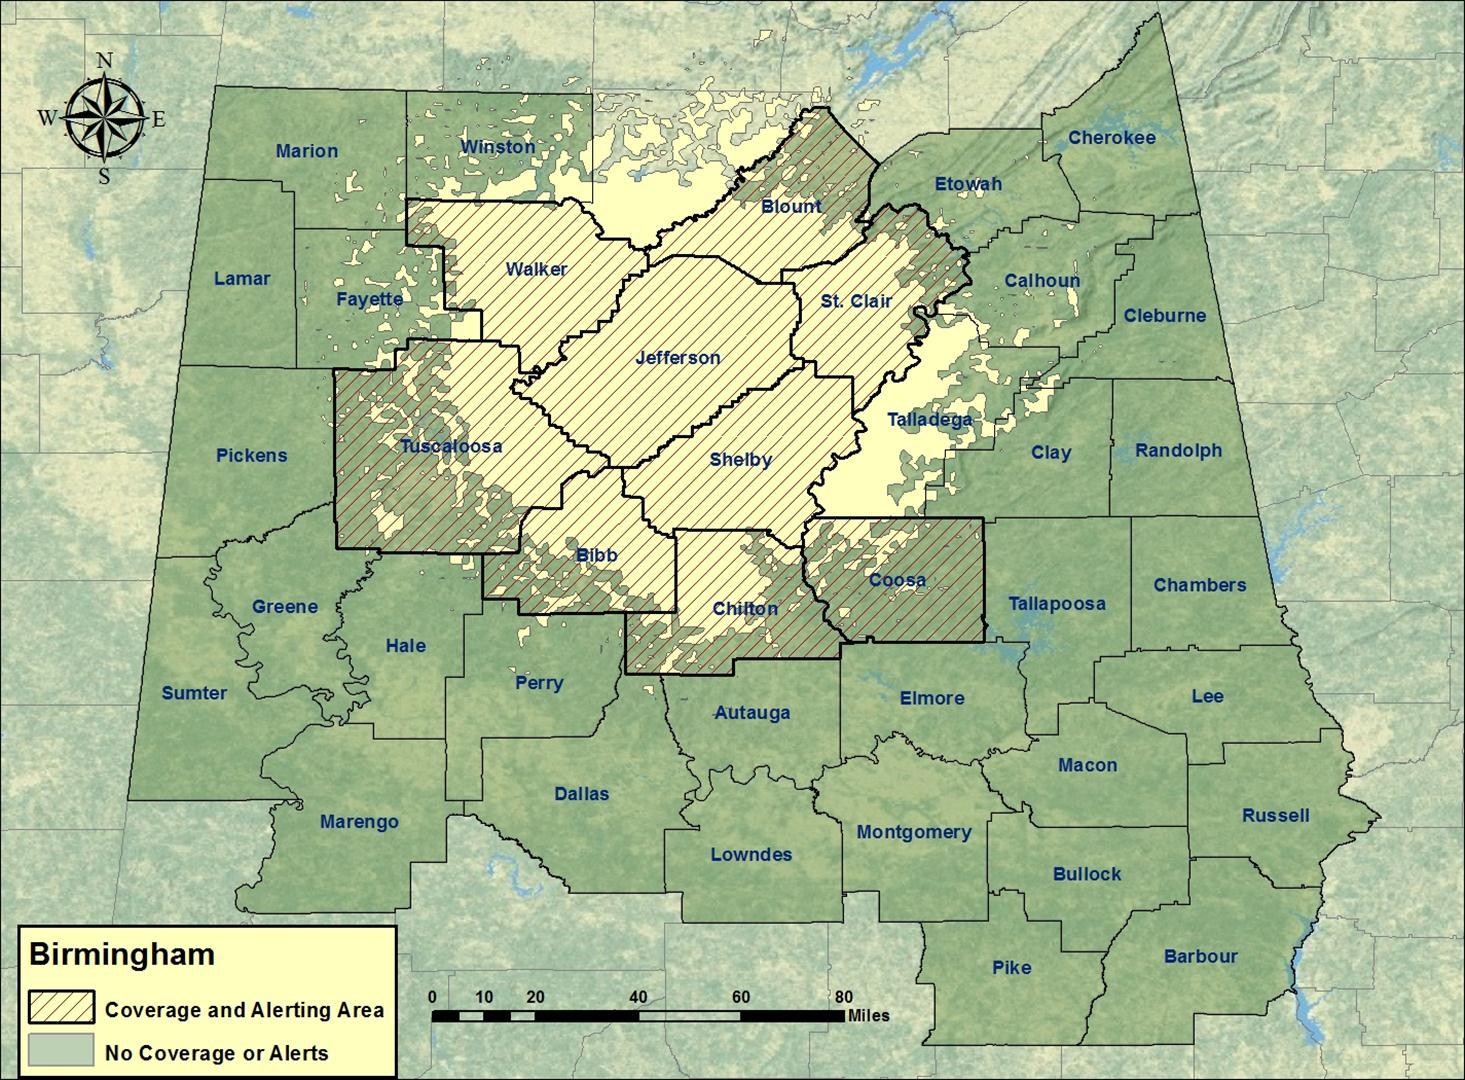 Birmingham Transmitter Coverage Map